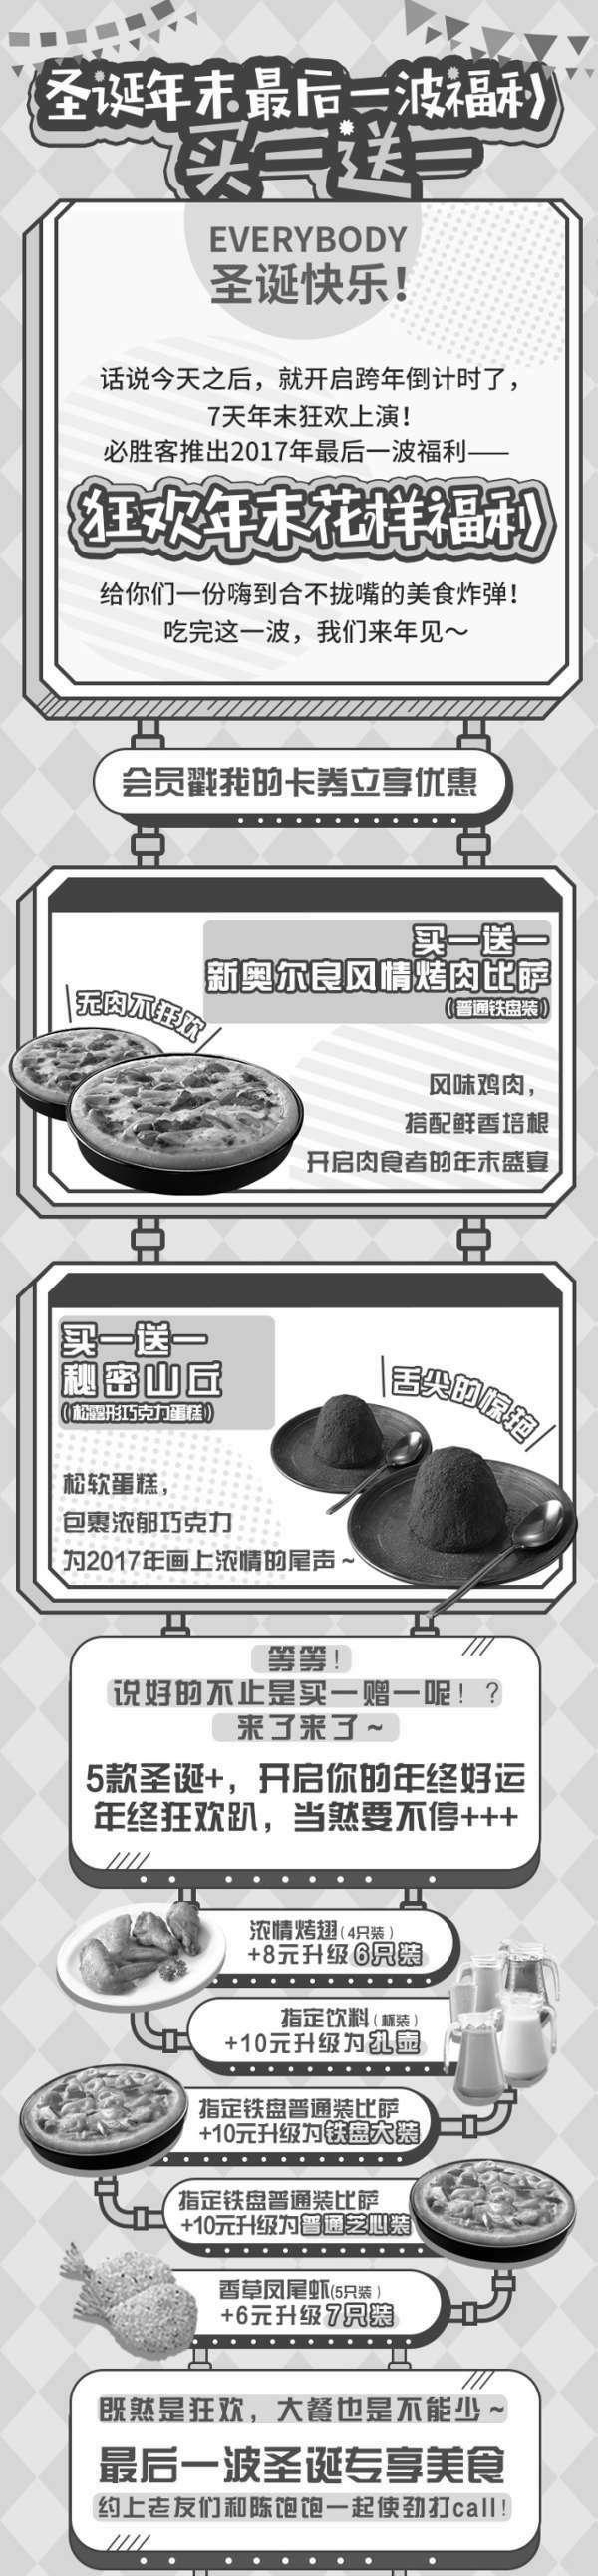 黑白优惠券图片:必胜客2017年末最后一波福利,比萨甜品买一送一 - www.5ikfc.com